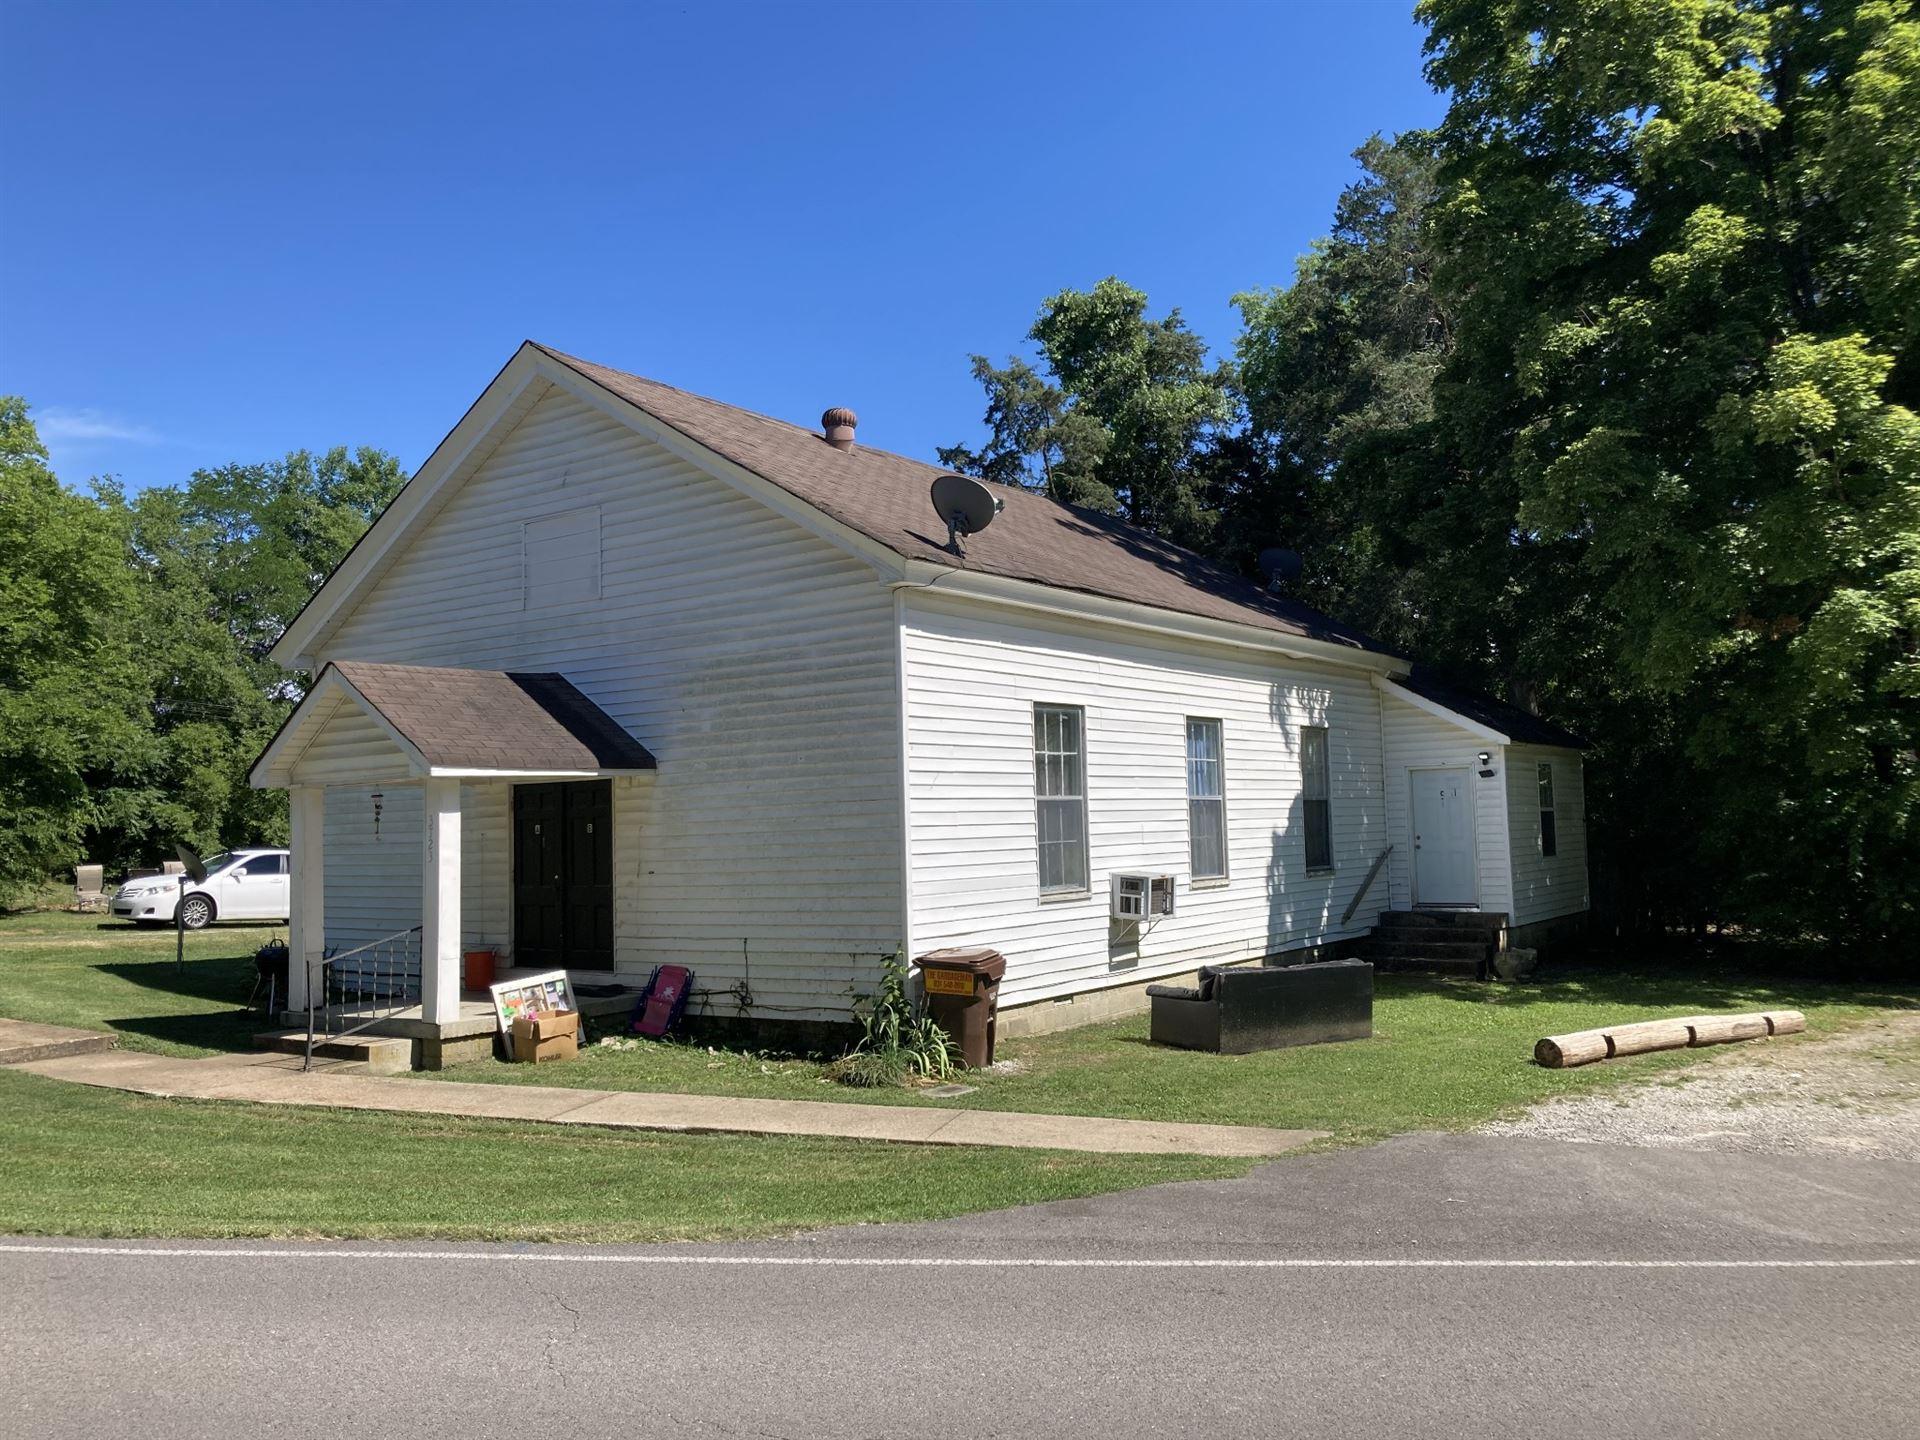 Photo of 3723 Jim Warren Rd, Spring Hill, TN 37174 (MLS # 2266898)